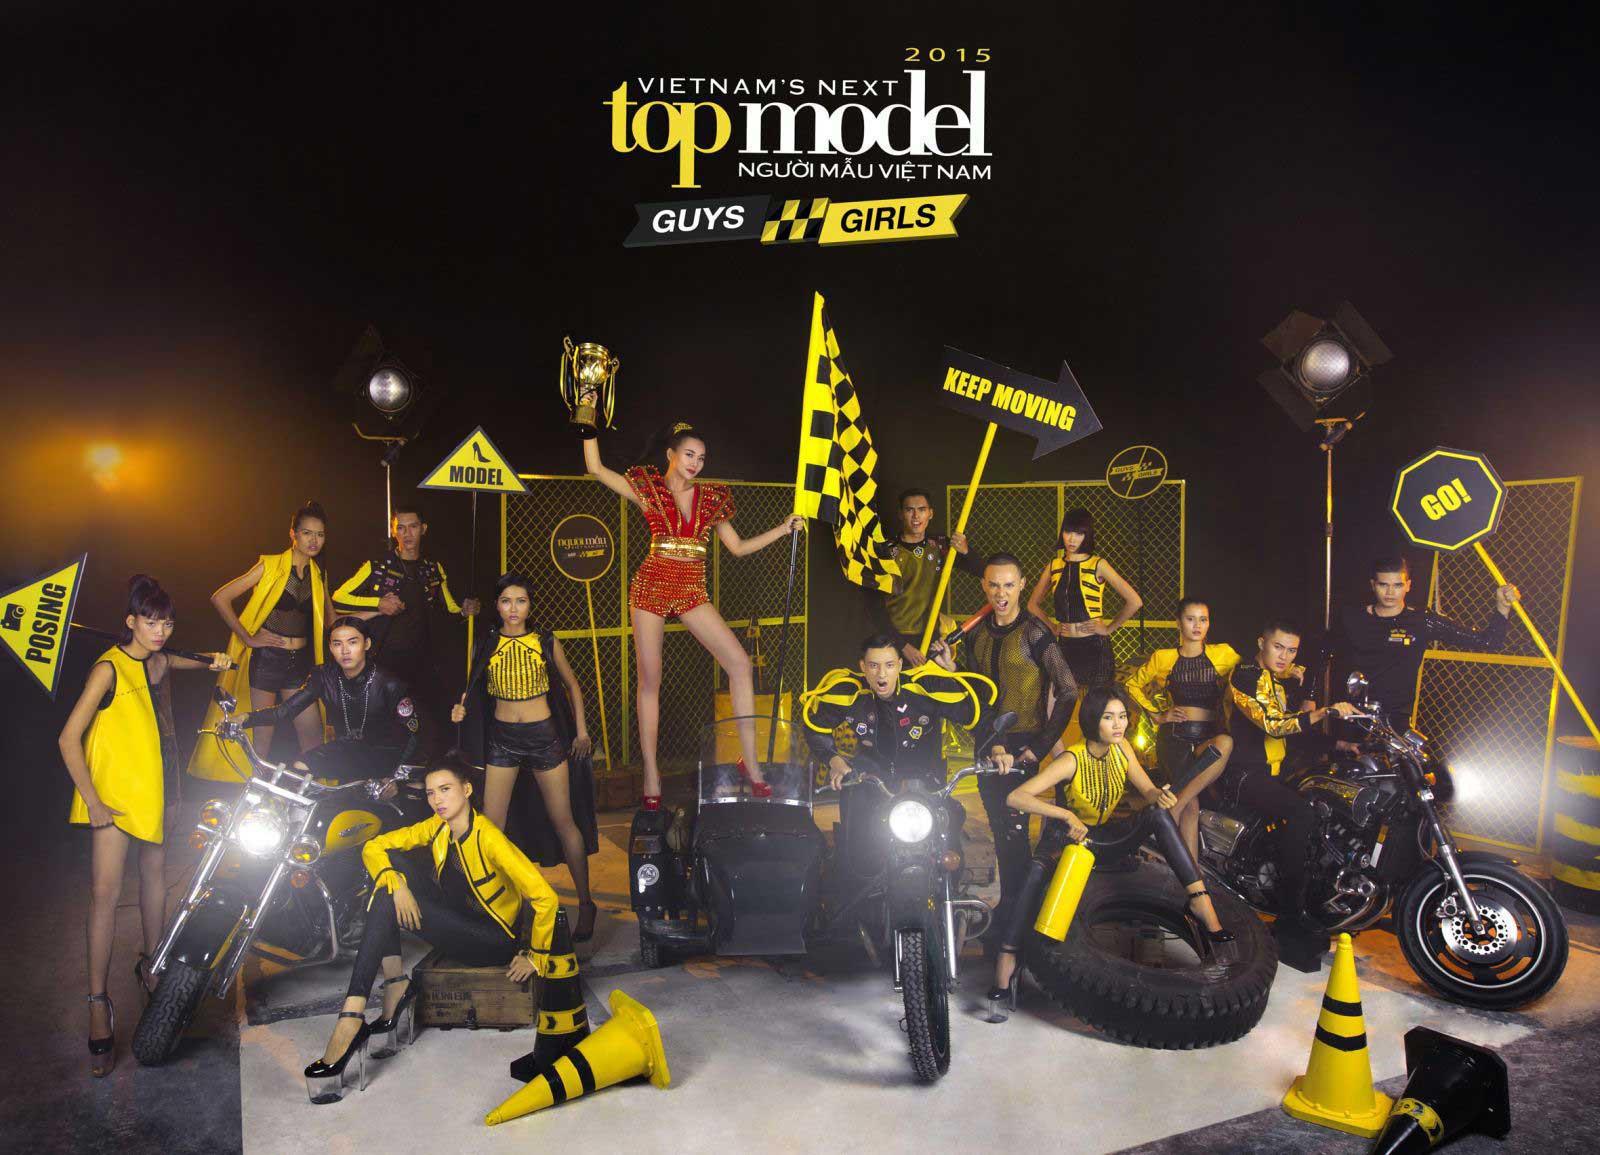 Nhìn lại poster ấn tượng của 8 mùa Vietnams Next Top Model và hé lộ điều bất ngờ ở mùa thứ 9 - Ảnh 6.